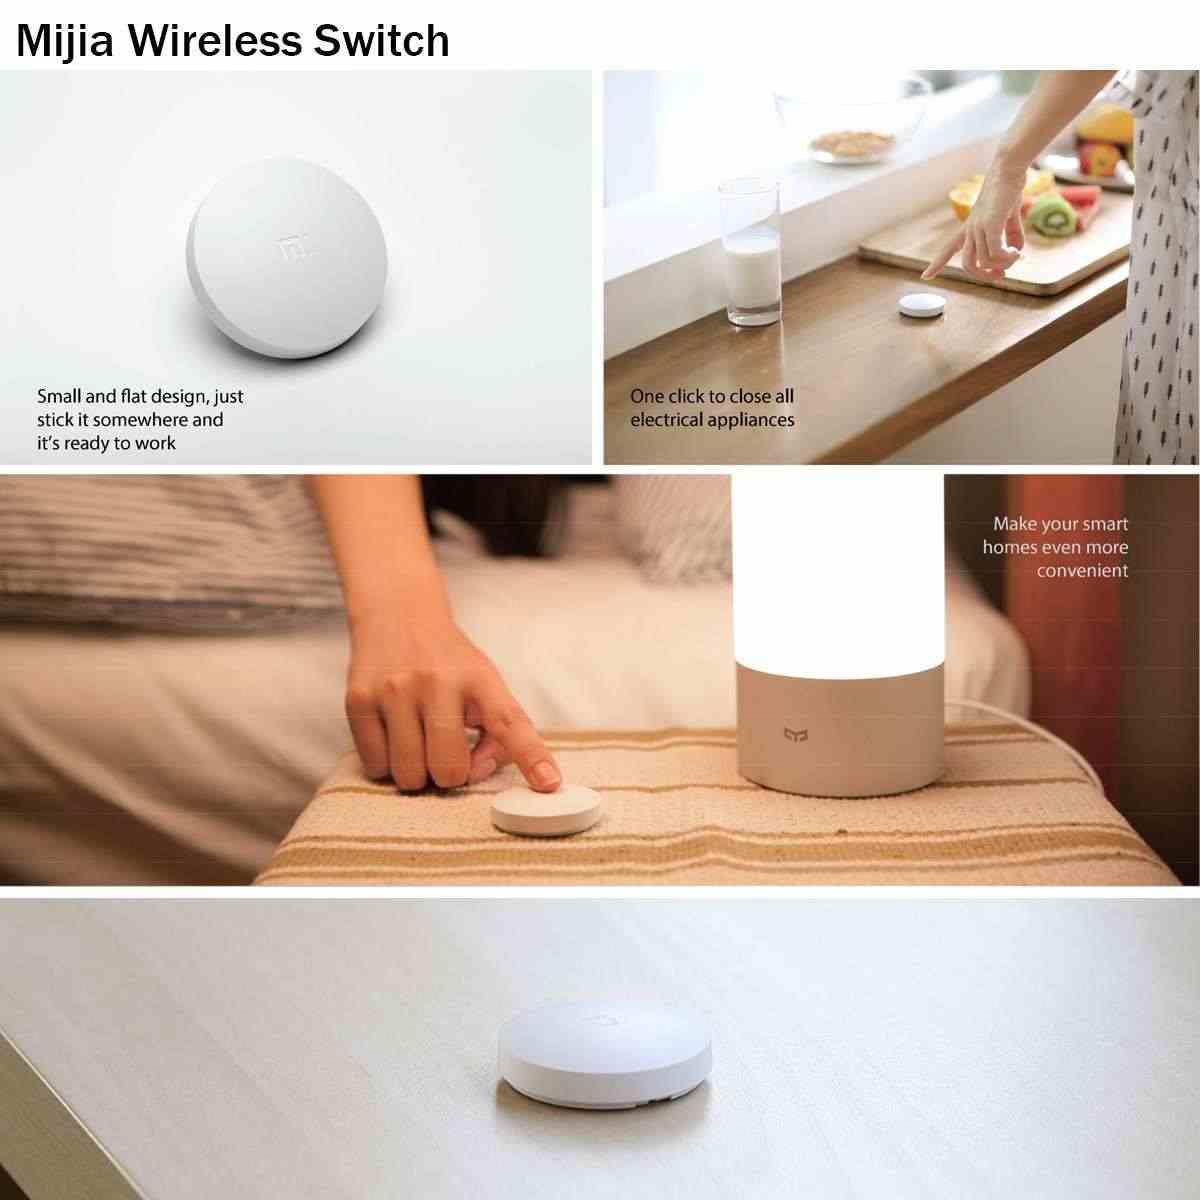 Xiaomi Mijia automatyki inteligentnego domu wielofunkcyjny bramy drzwi okno ciało czujnik czujnik temperatury i wilgotności bezprzewodowy przełącznik